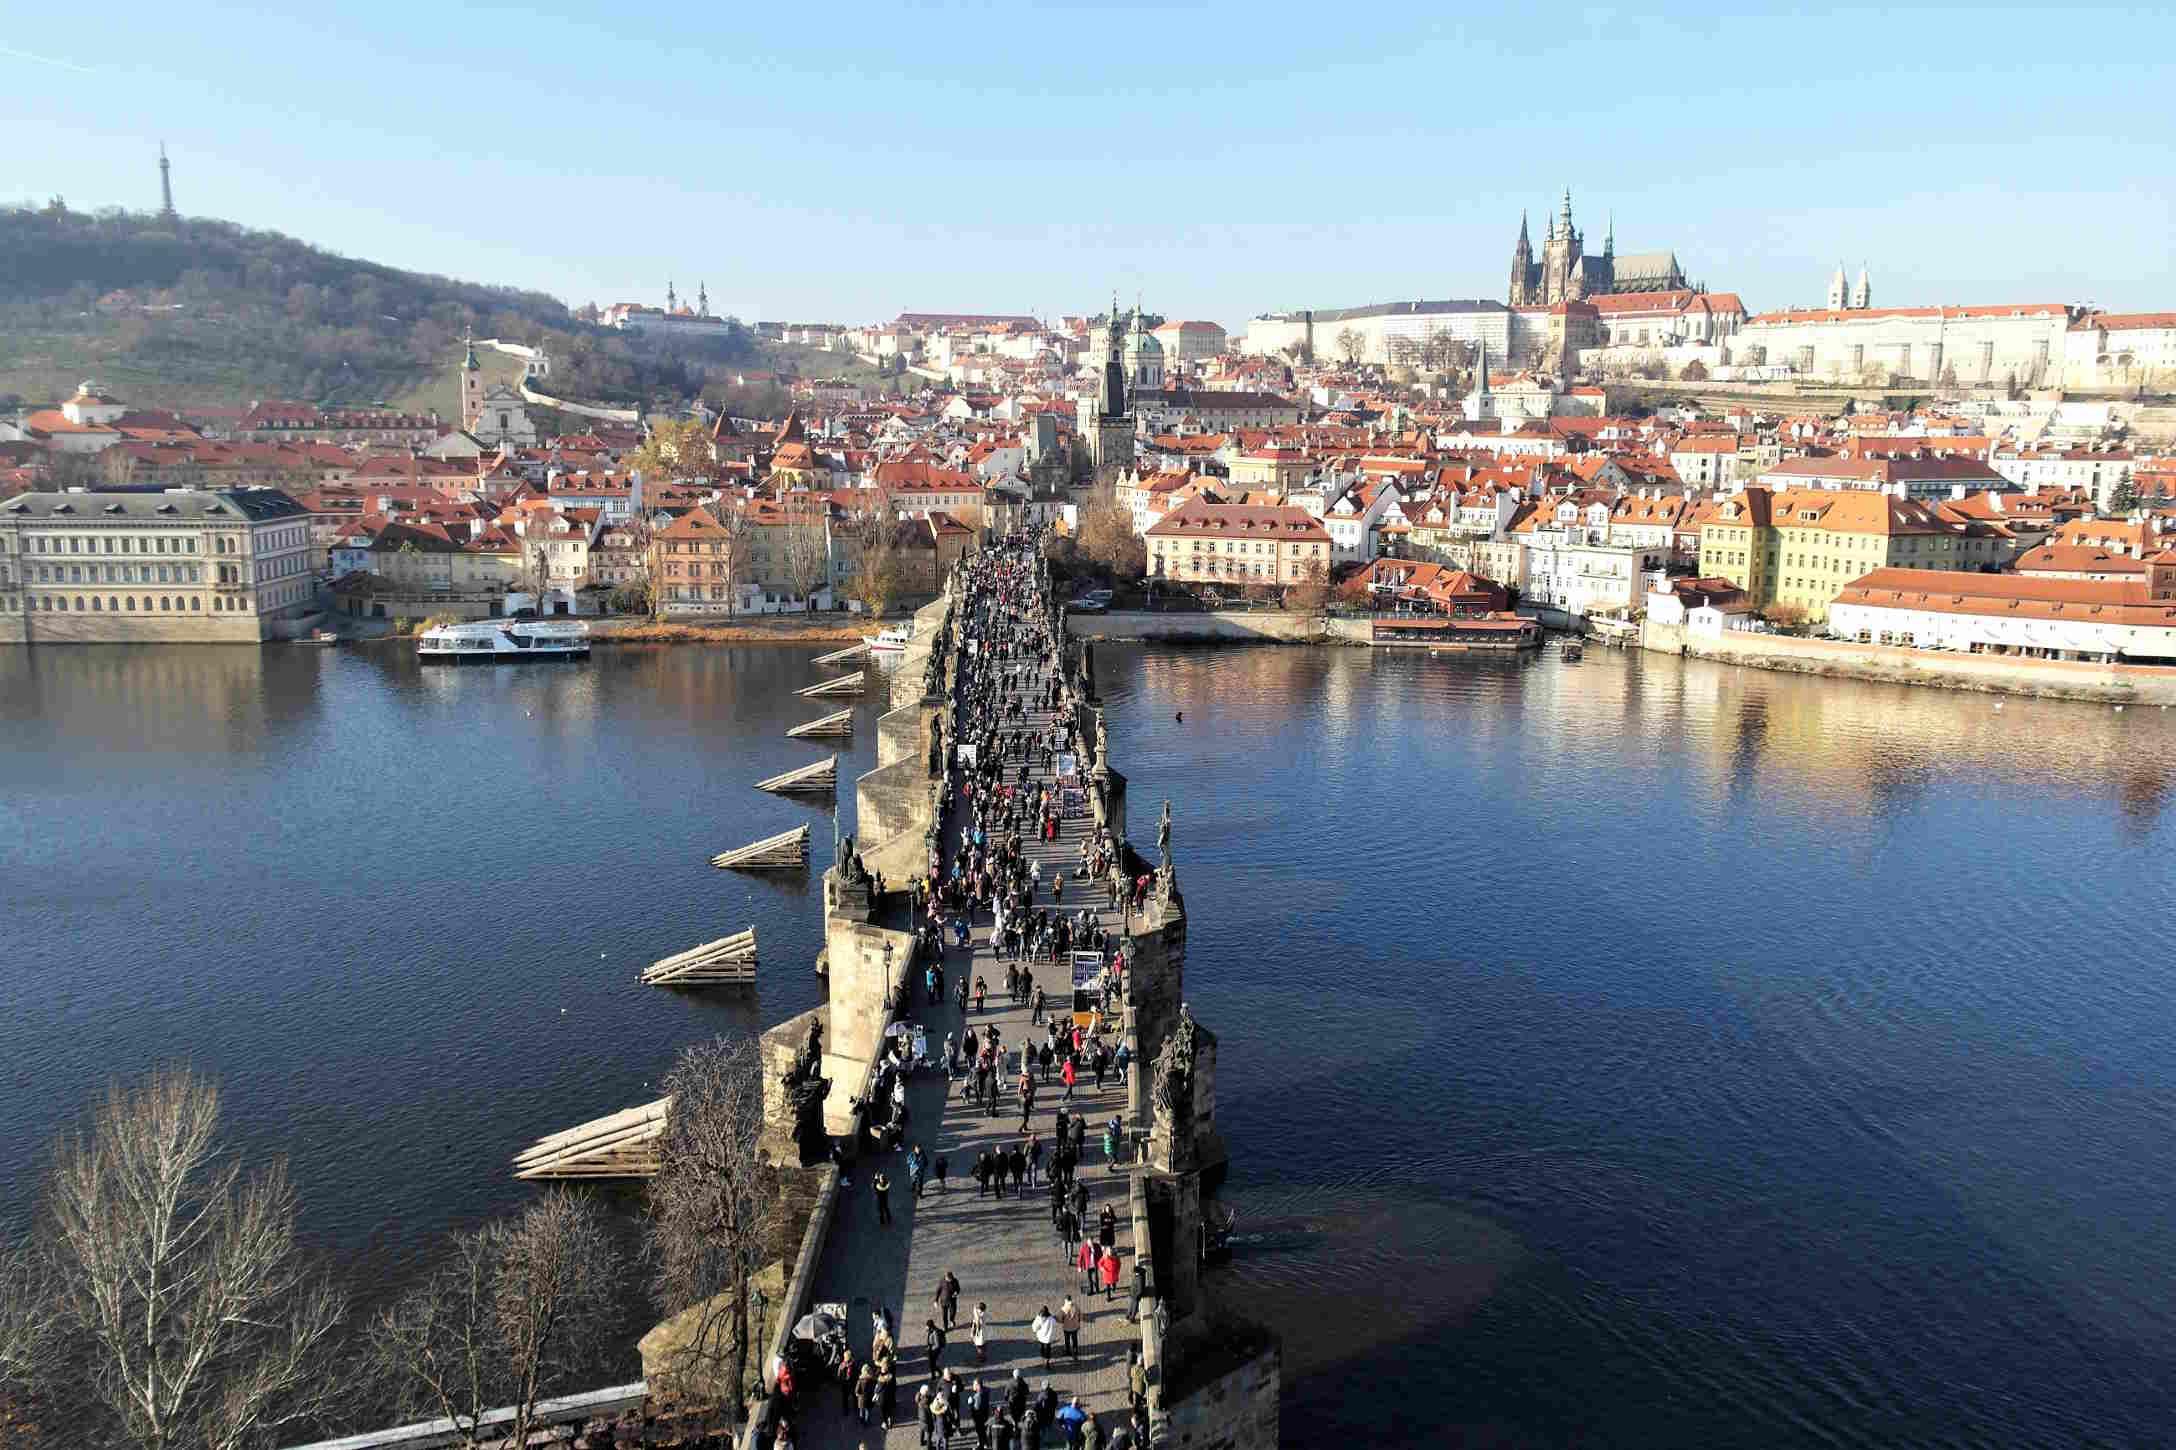 Capitali Europee da visitare - Il Ponte Carlo a Praga capitale Ceca in Europa